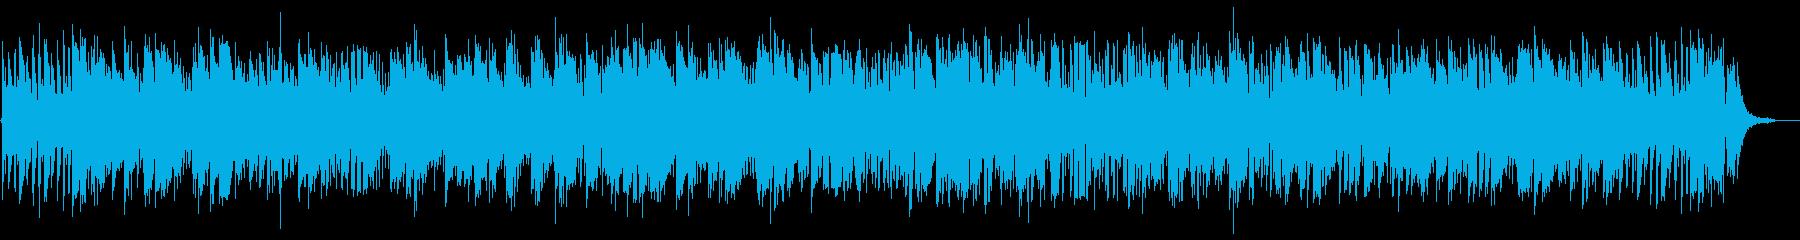 ピアノ・ソナタ第8番第2楽章Jazzの再生済みの波形